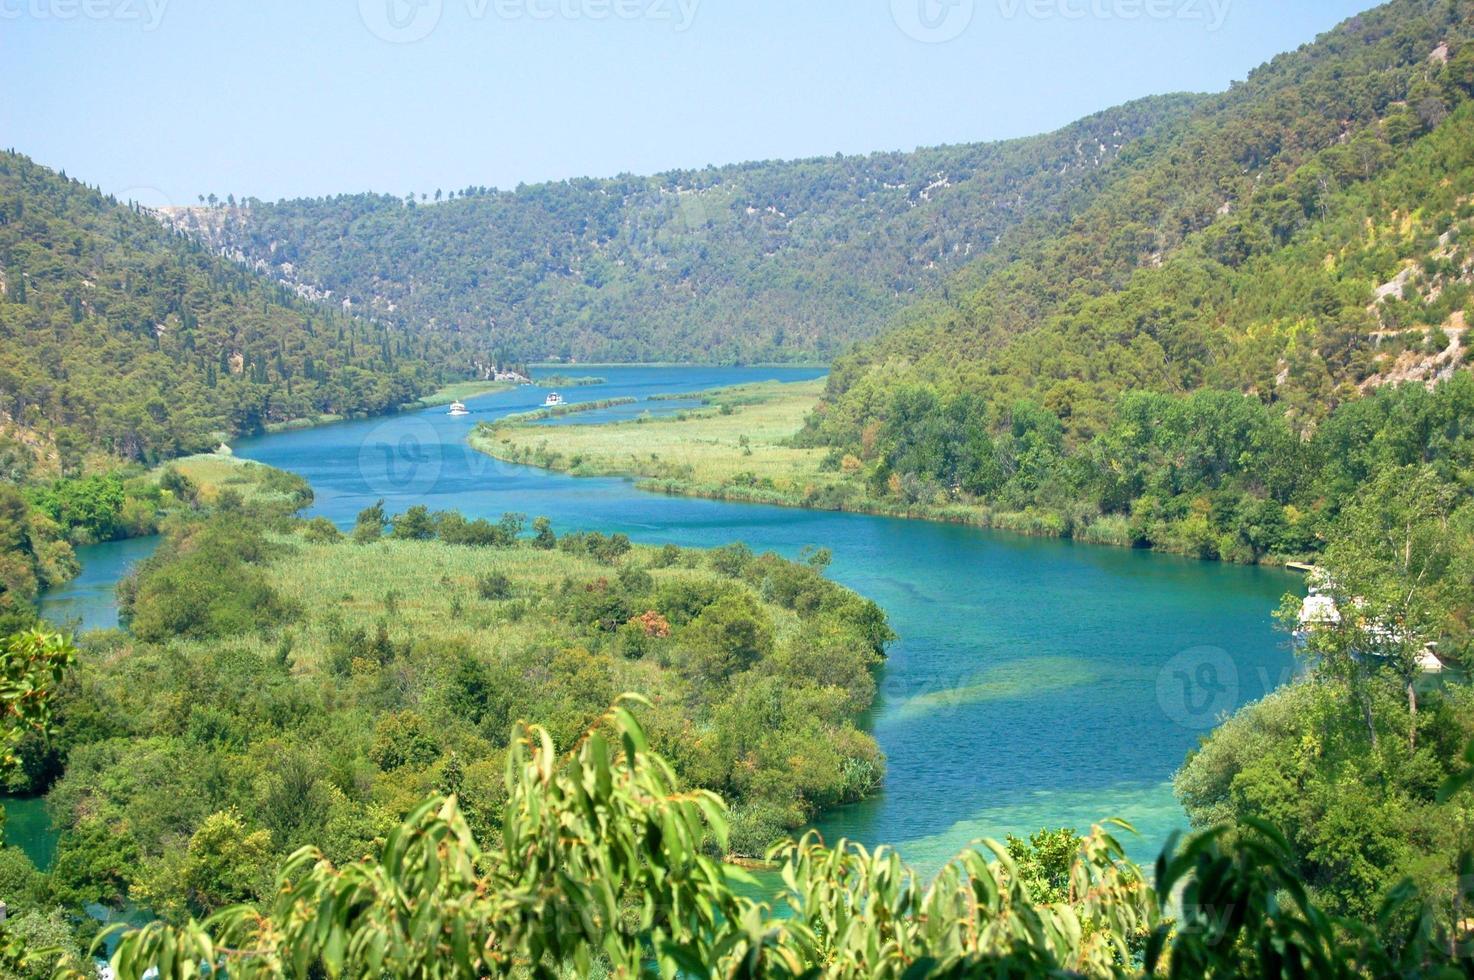 cachoeiras lindas no parque nacional krka, na croácia foto